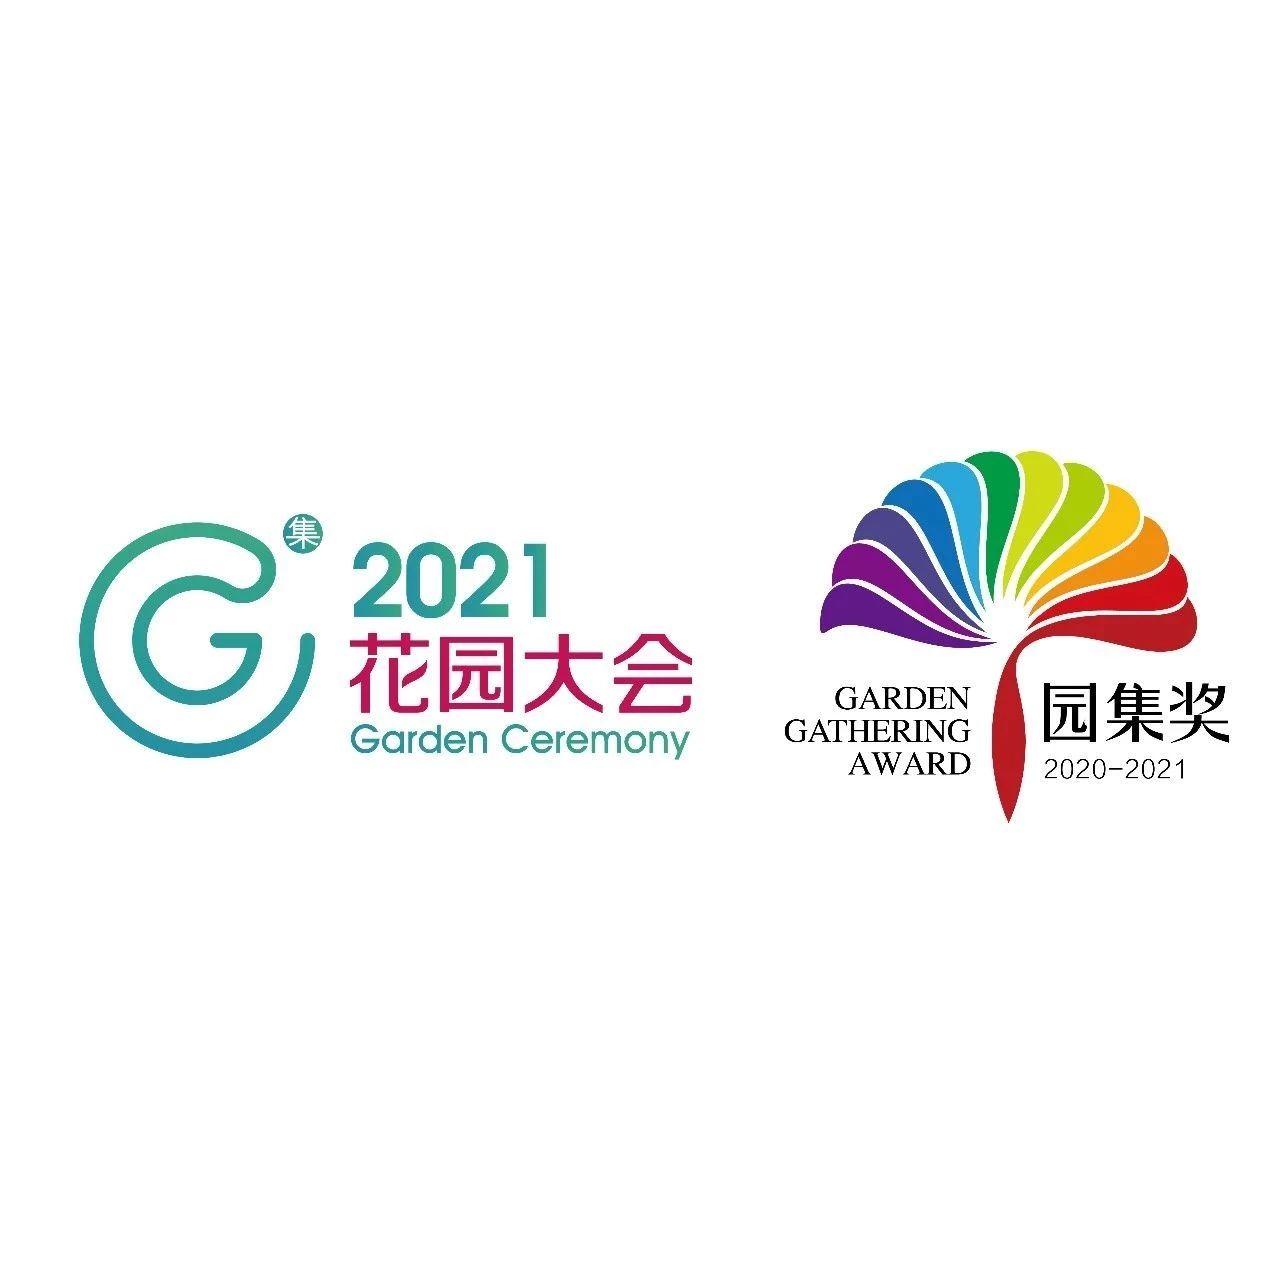 赞助商招募 第六届中国造园行业峰会暨第五届园集奖颁奖典礼赞助方案